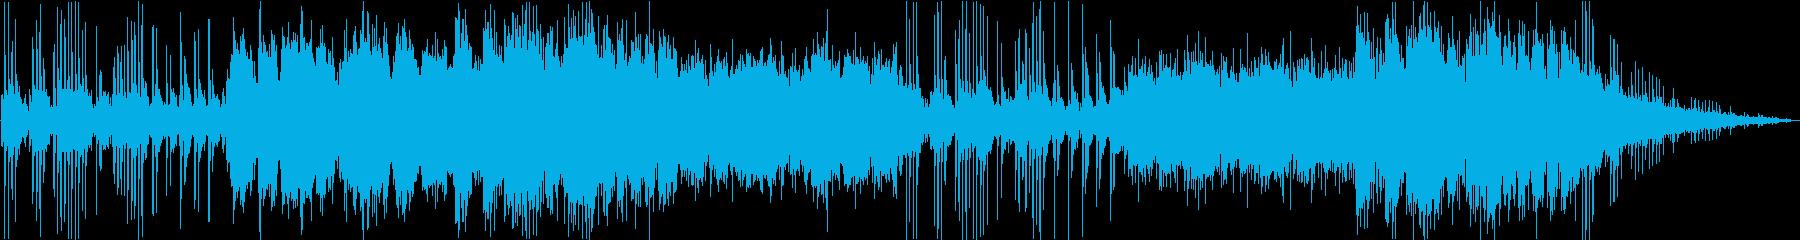 ピアノとシンセサイザーの印象的な旋律の再生済みの波形